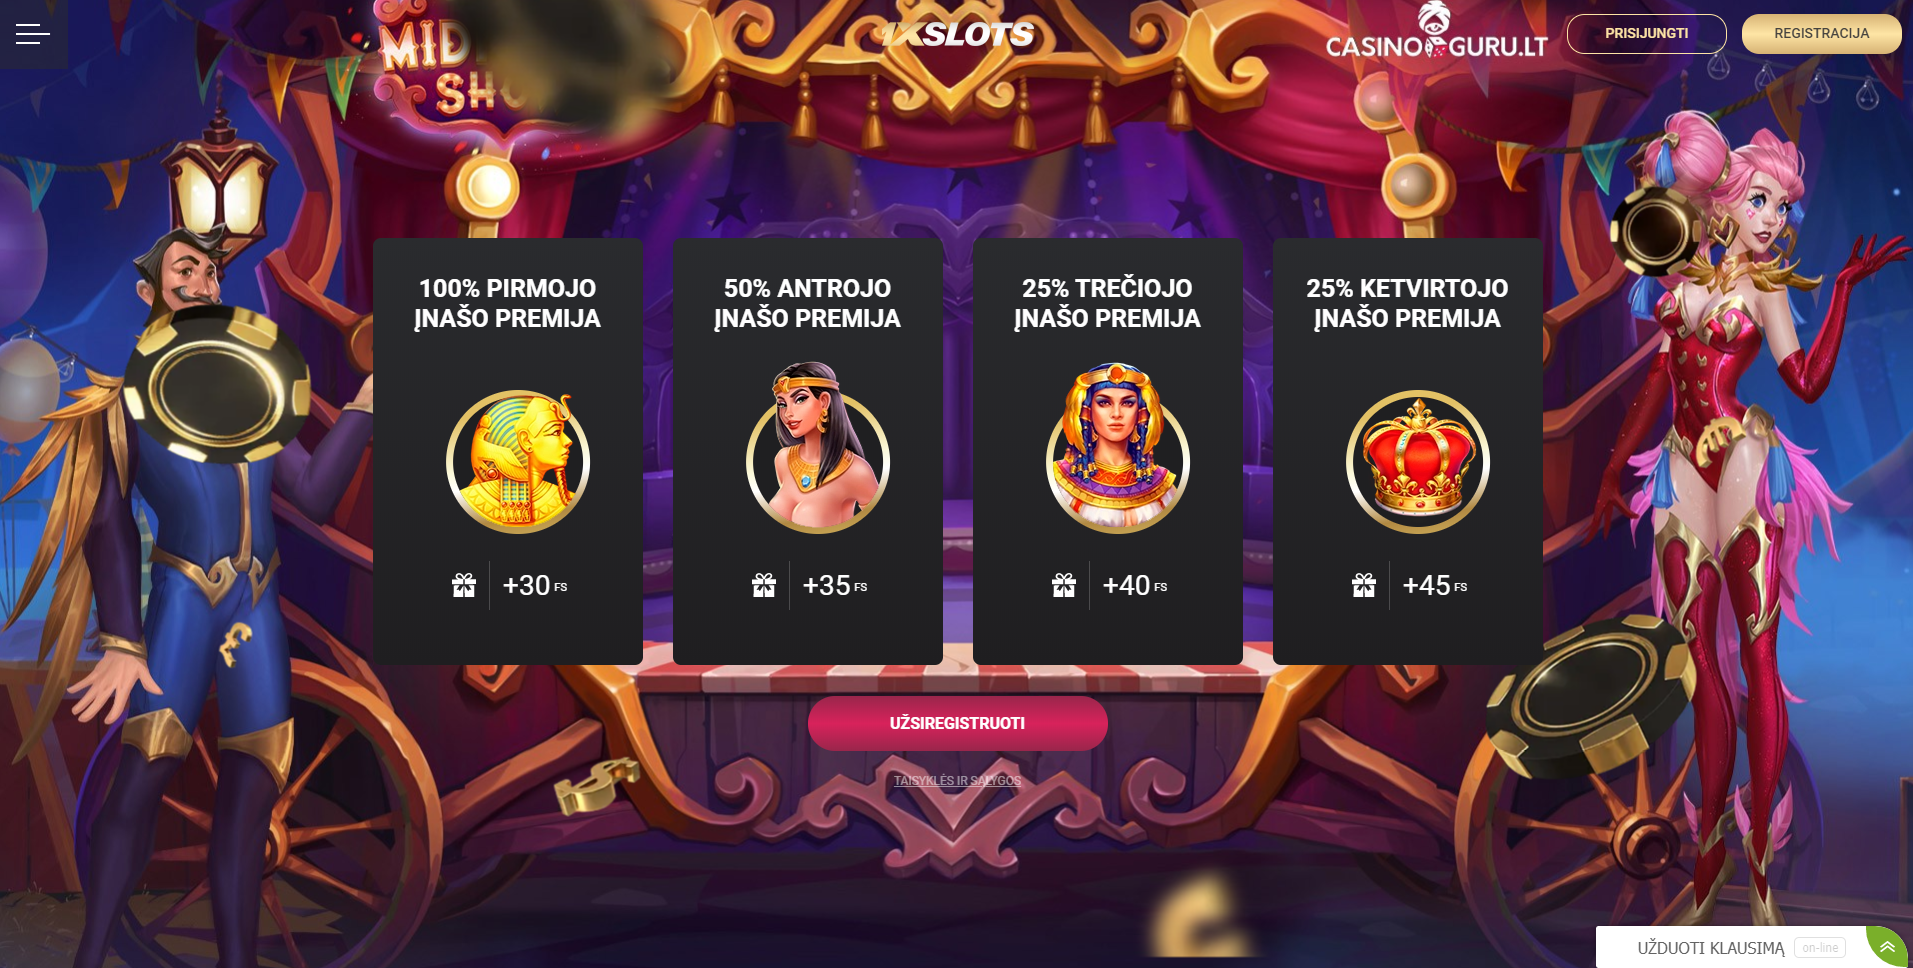 1xslots casino bonus codes no deposit bonus 1xslots free spins išskirtinė premija bonus kodas cgbonus casinoguru žaidimo žetonai